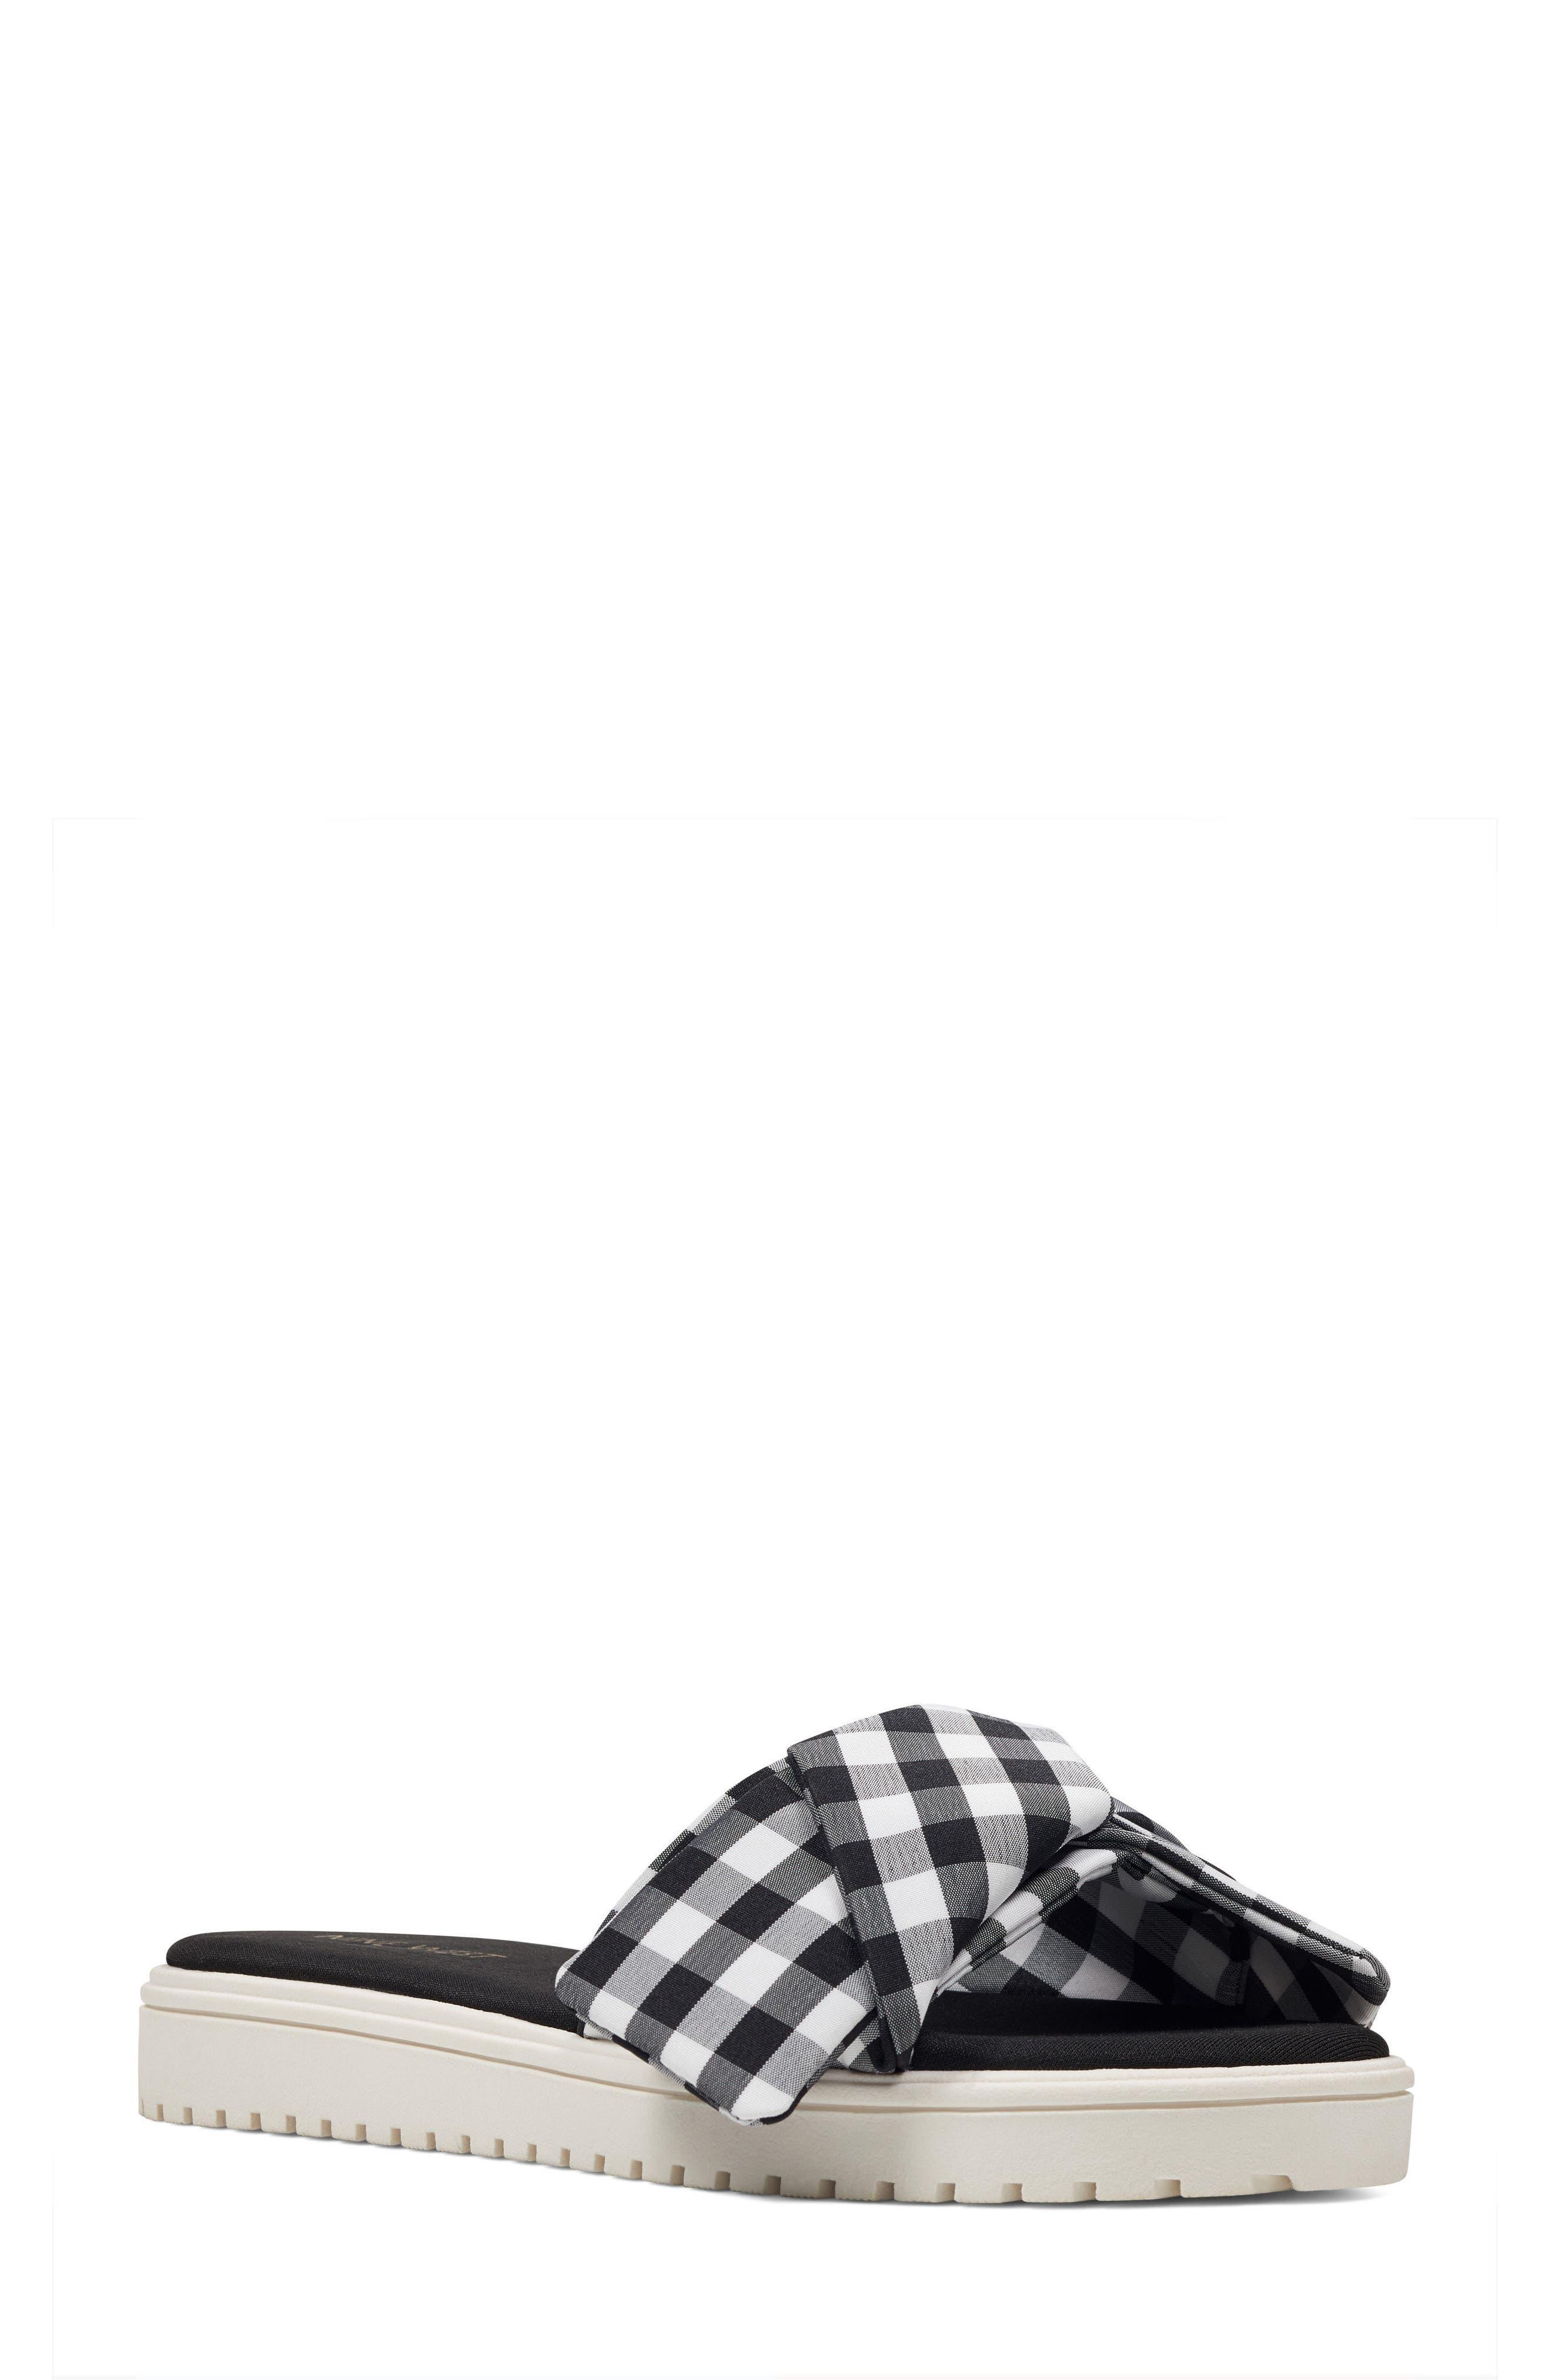 Ruth Slide Sandal,                             Main thumbnail 1, color,                             Black/ White Fabric